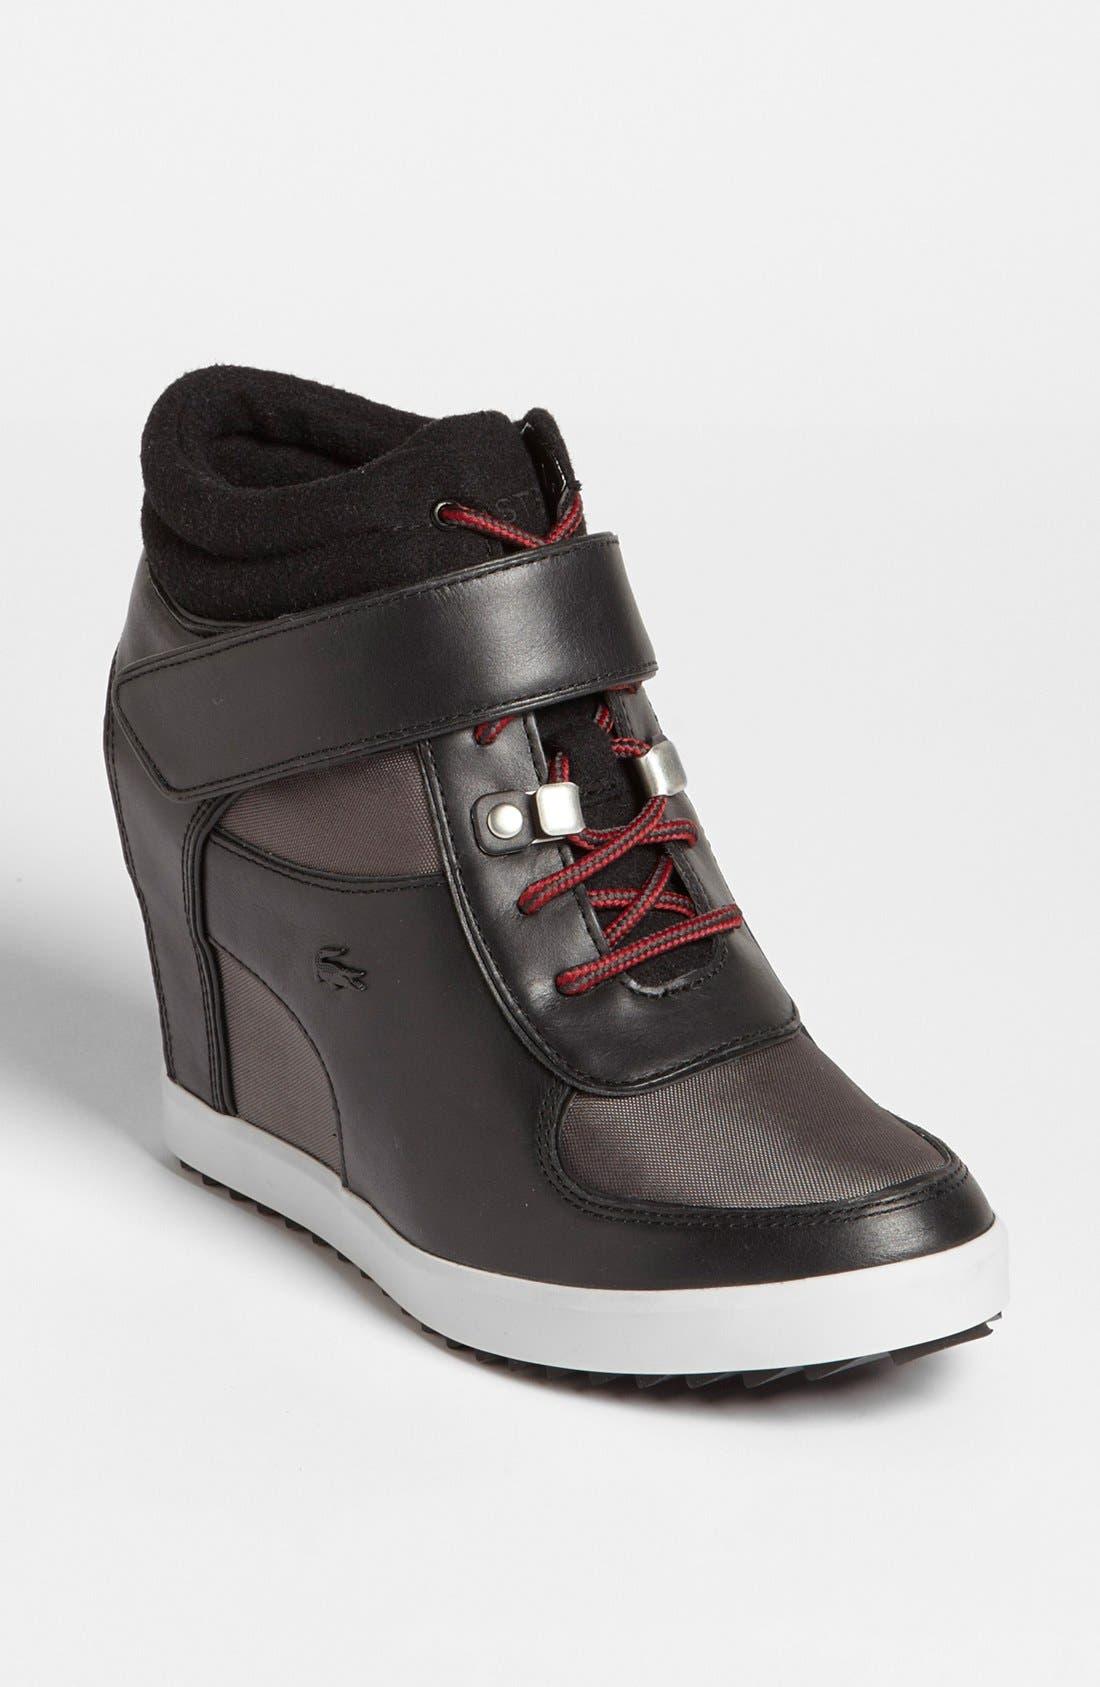 Main Image - Lacoste 'Berdine' Sneaker (Women)